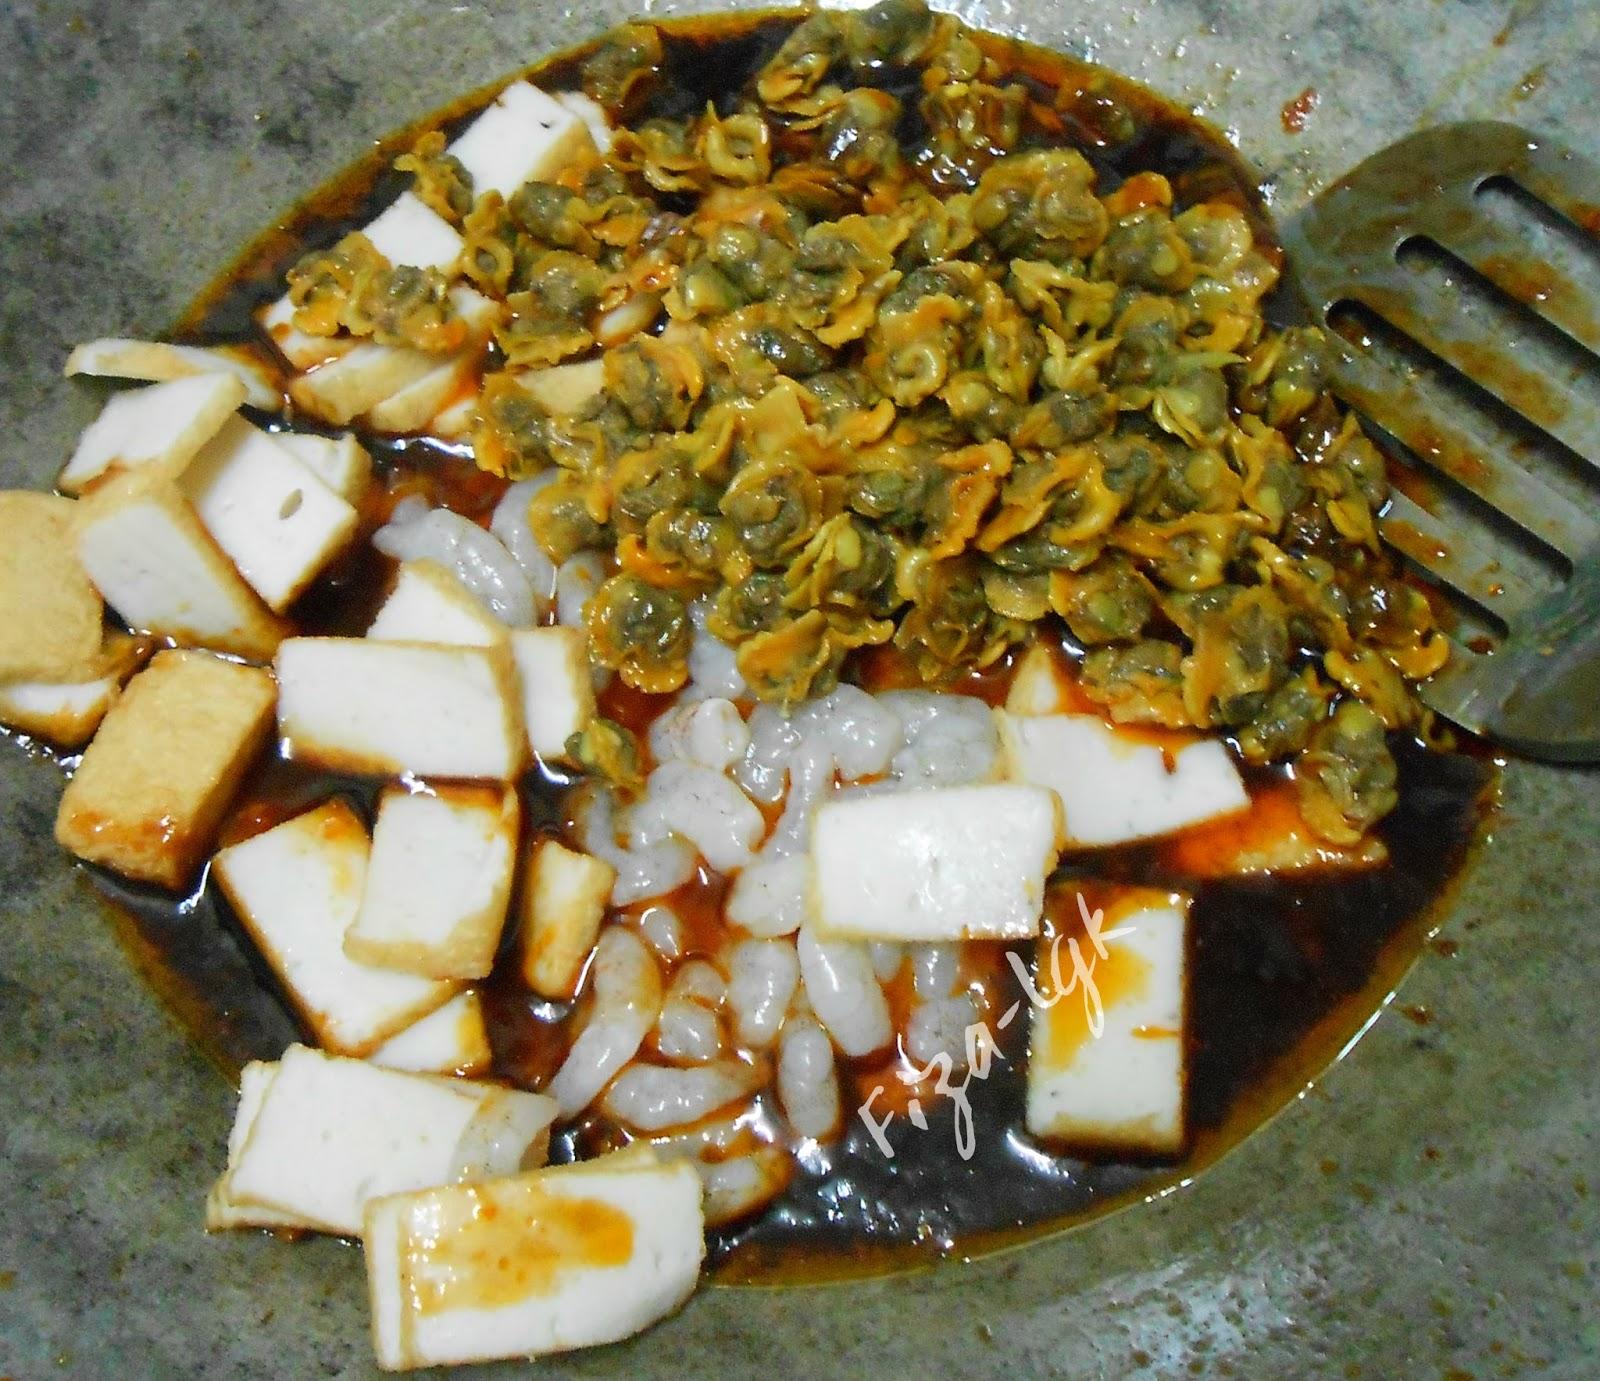 Resep Membuat Tumis Brokoli Campur Wortel dan Bakso Sapi